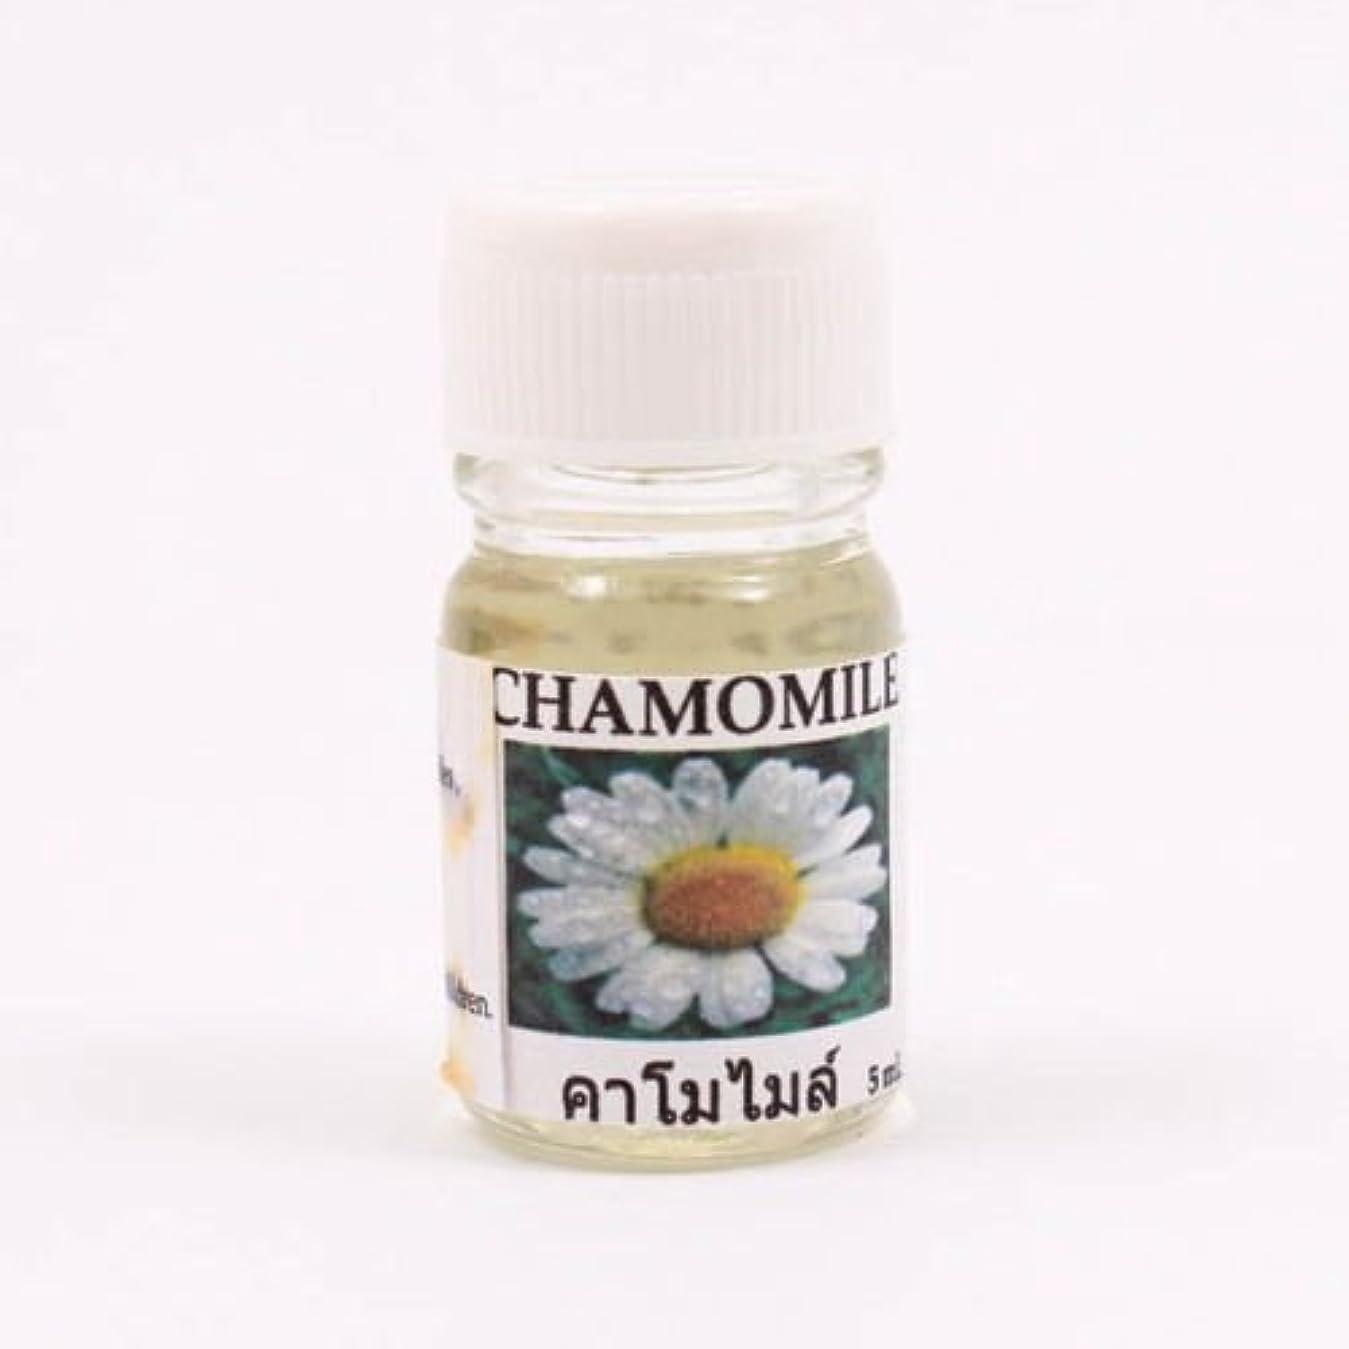 アカデミック根絶する招待6X Chamomile Aroma Fragrance Essential Oil 5ML. cc Diffuser Burner Therapy